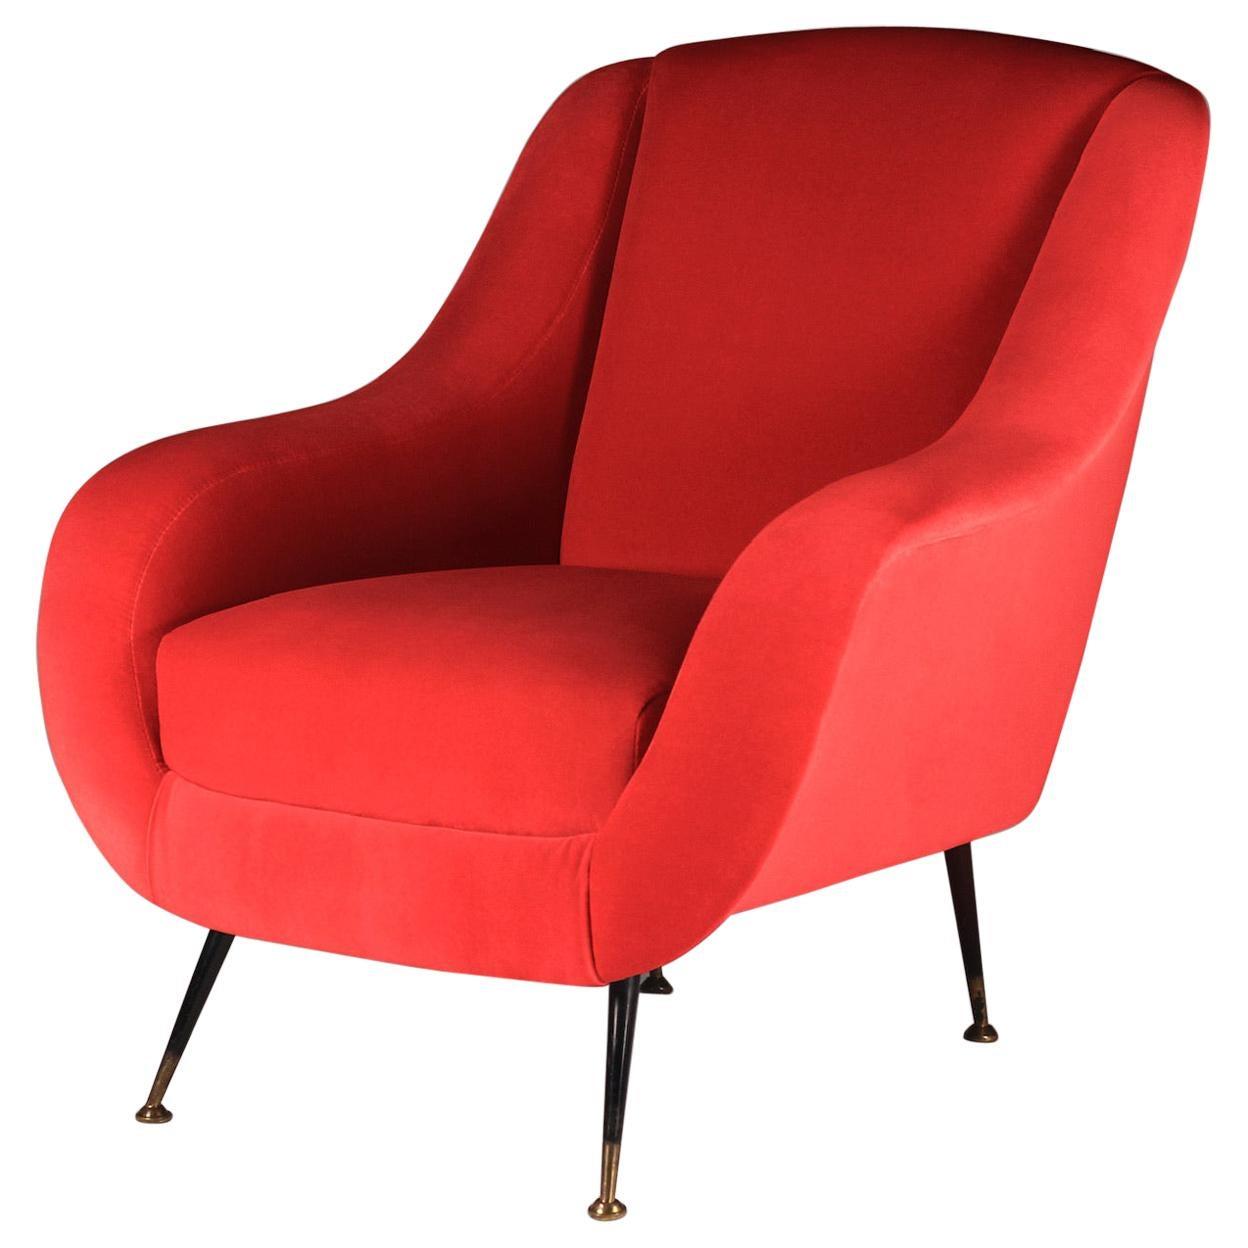 Mid-Century Modern Style Inspired Italian Lounge Chair 'Sophia' in Red Velvet